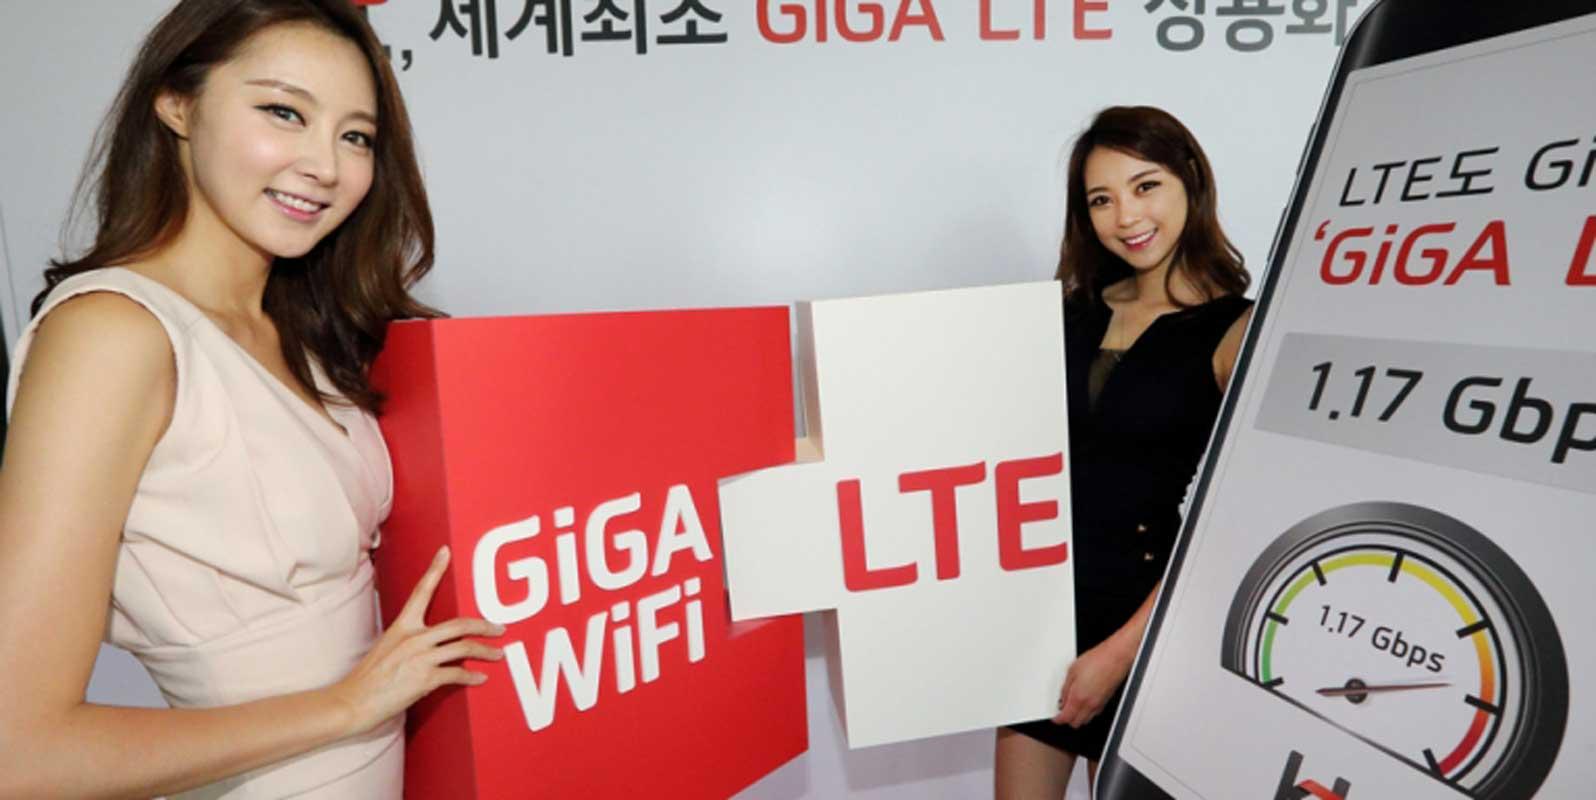 KT inaugure son réseau Giga LTE